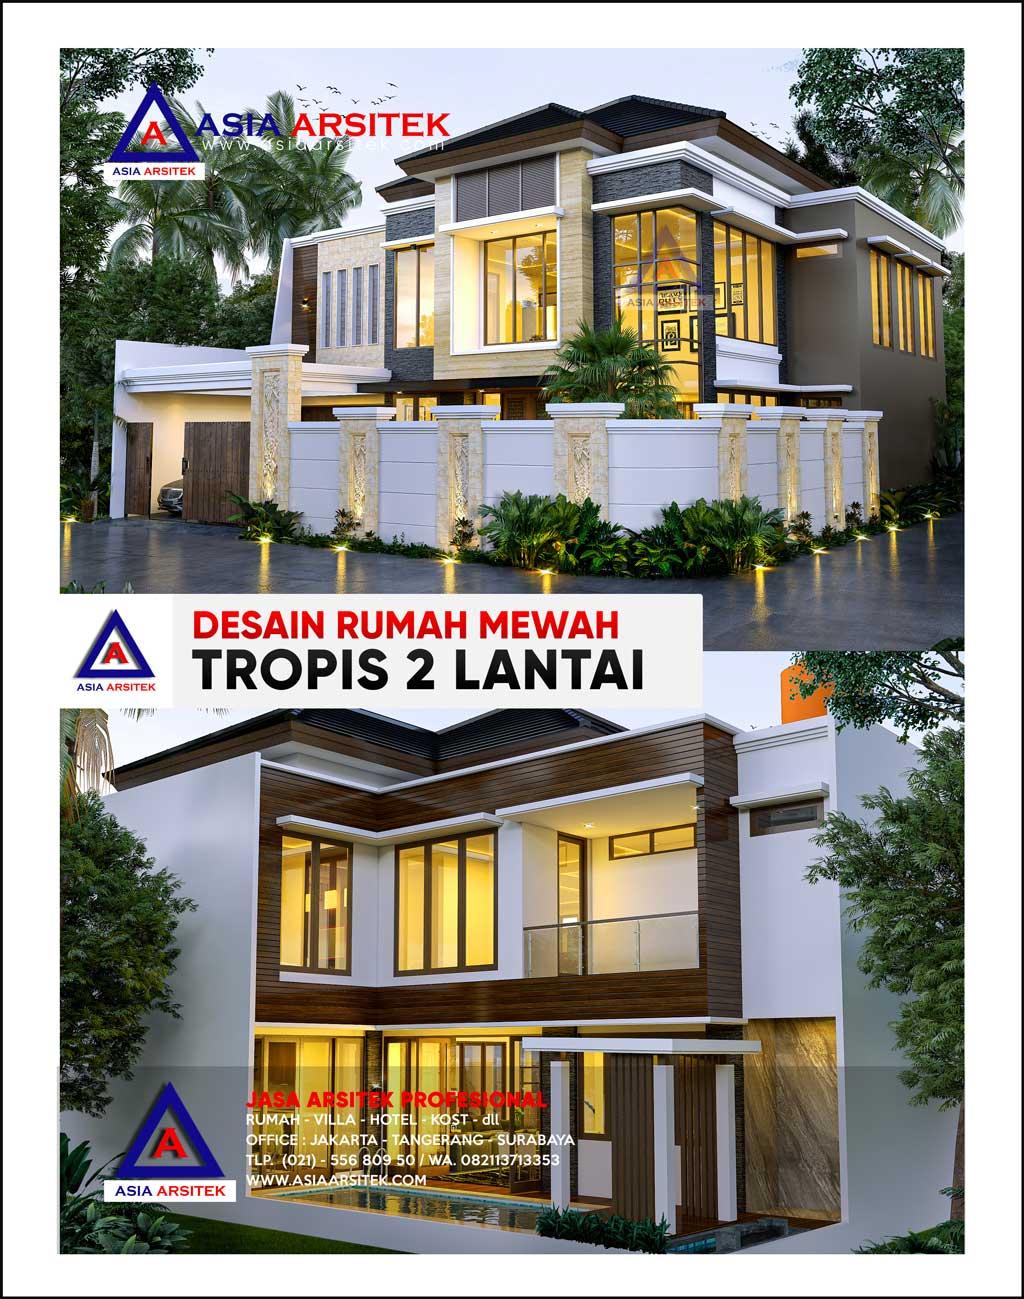 Desain Rumah Mewah Tropis 2 Lantai Di Lahan 19 x 17 m Di Cinere Kota Depok